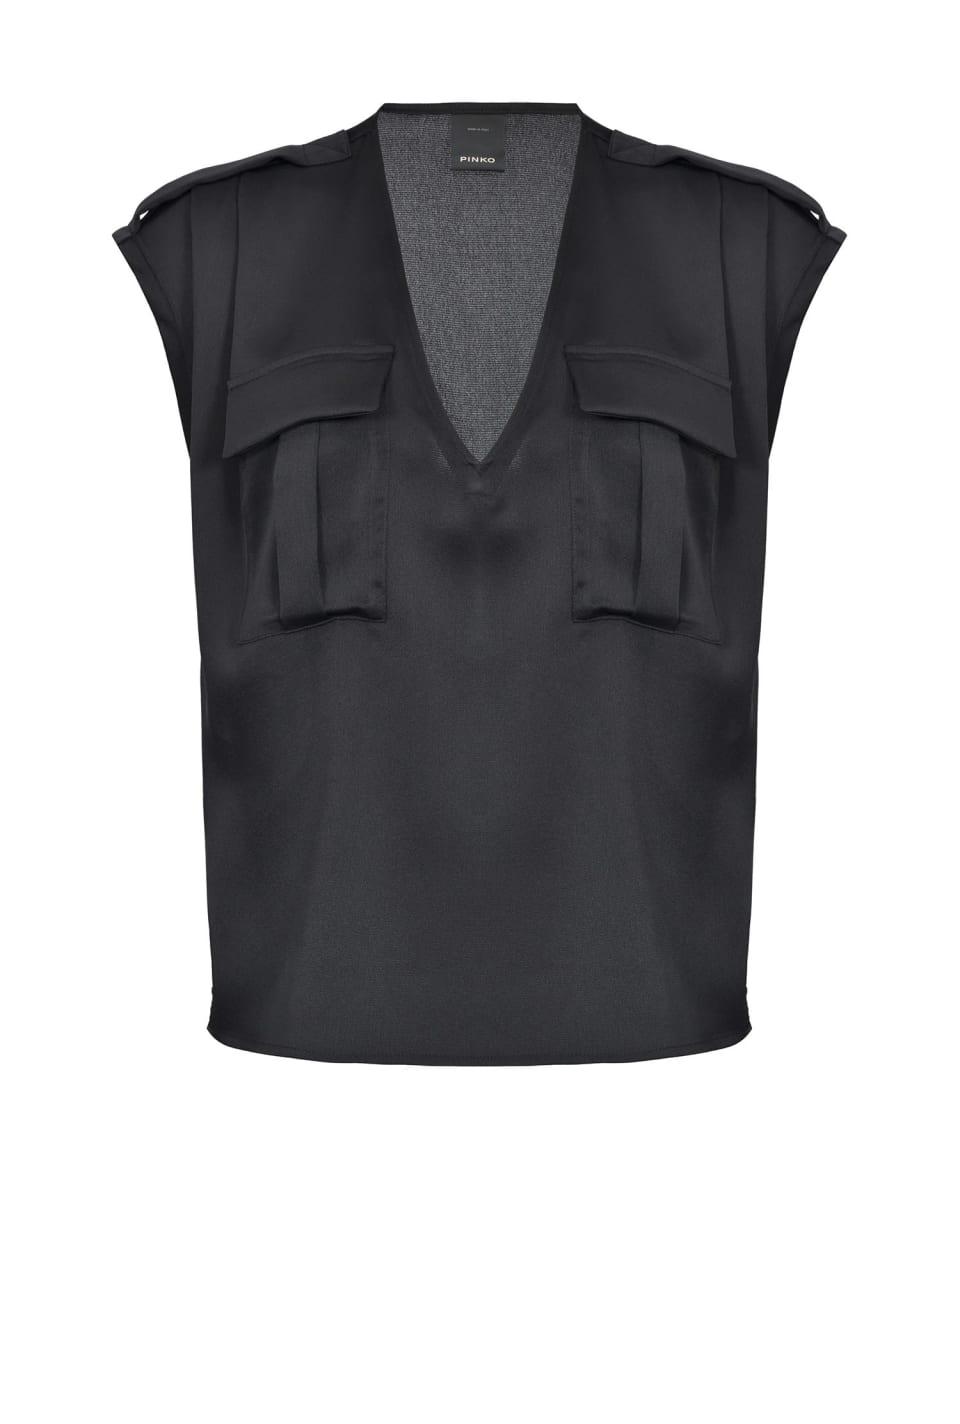 Blusa con bolsillos utilitarios